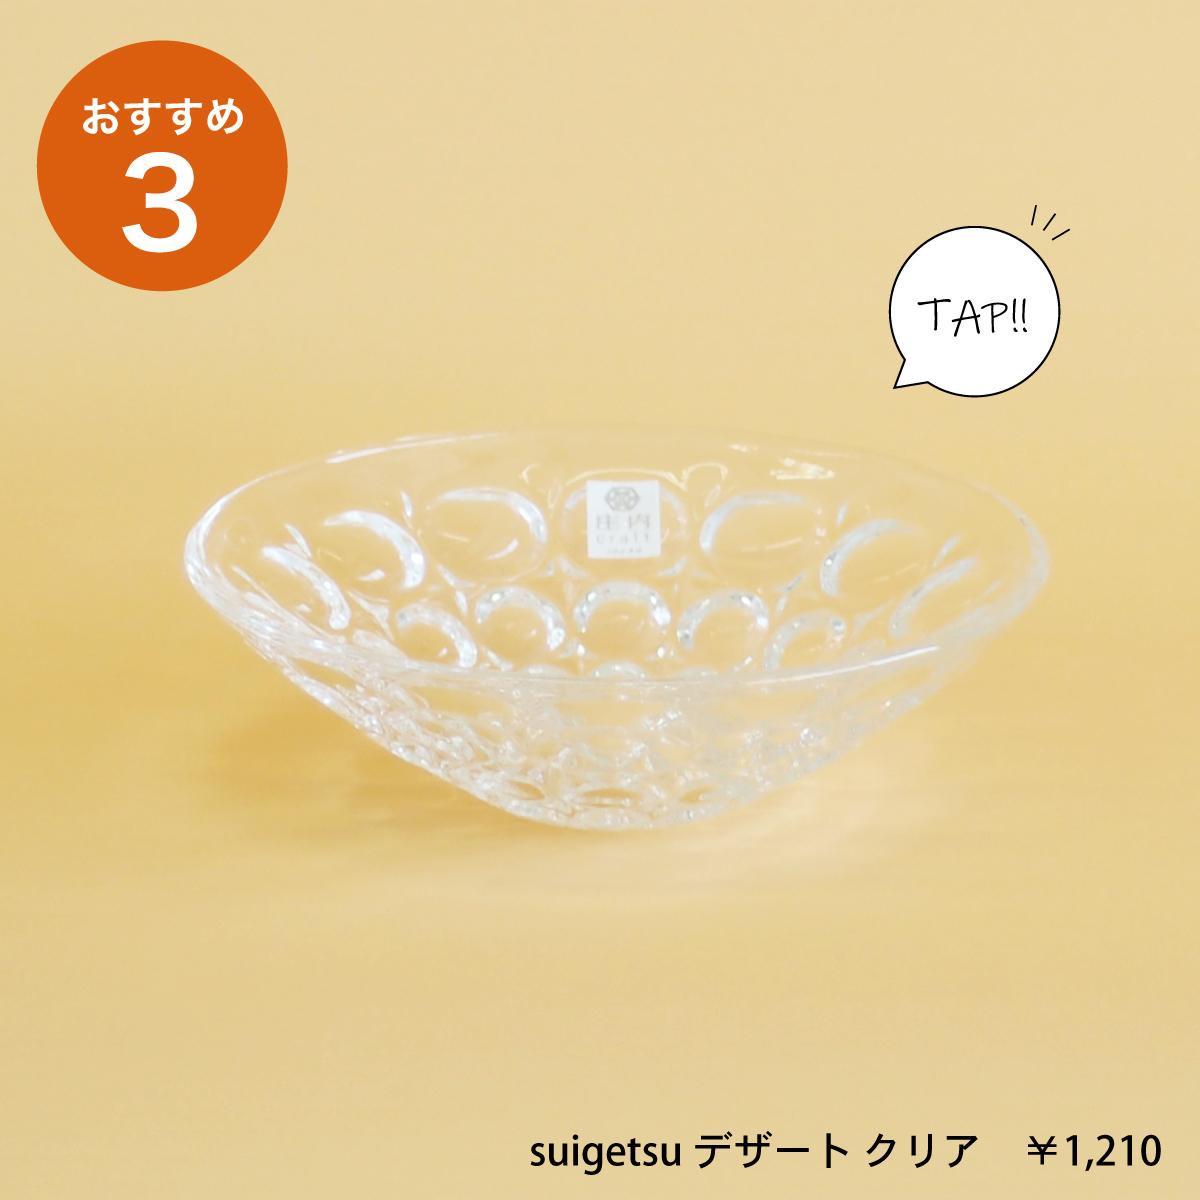 かき氷や冷えたデザートにはsuigetsuデザート クリアがおすすめ